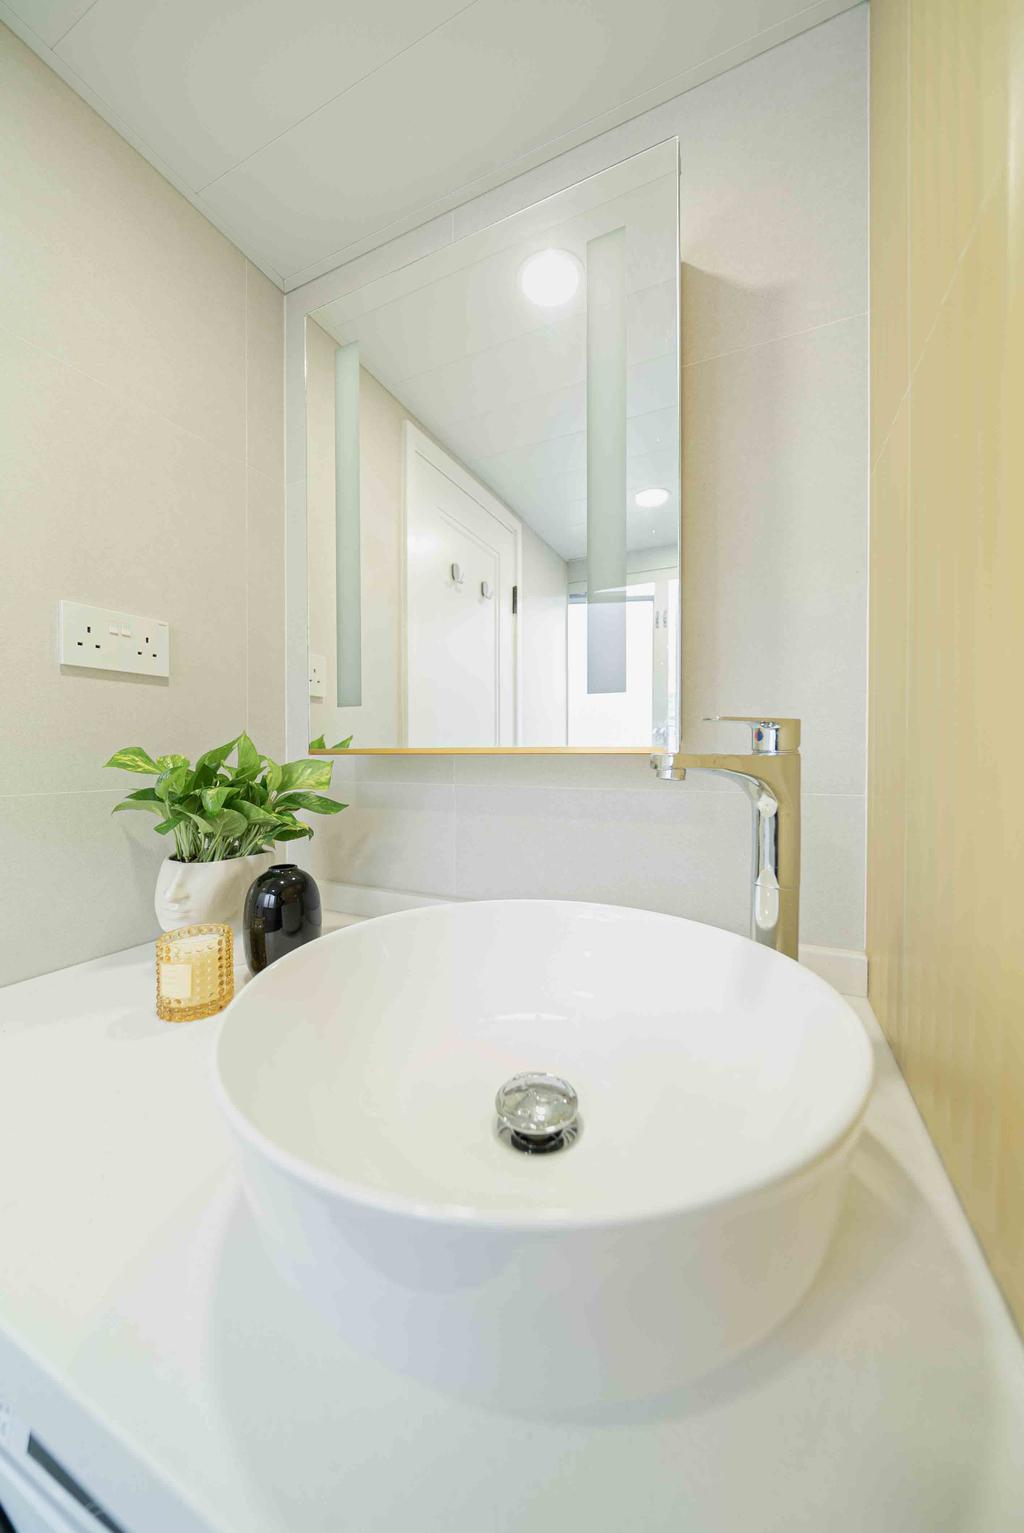 摩登, 公屋/居屋, Patricia, 室內設計師, B.R.G. Interior Design, 北歐